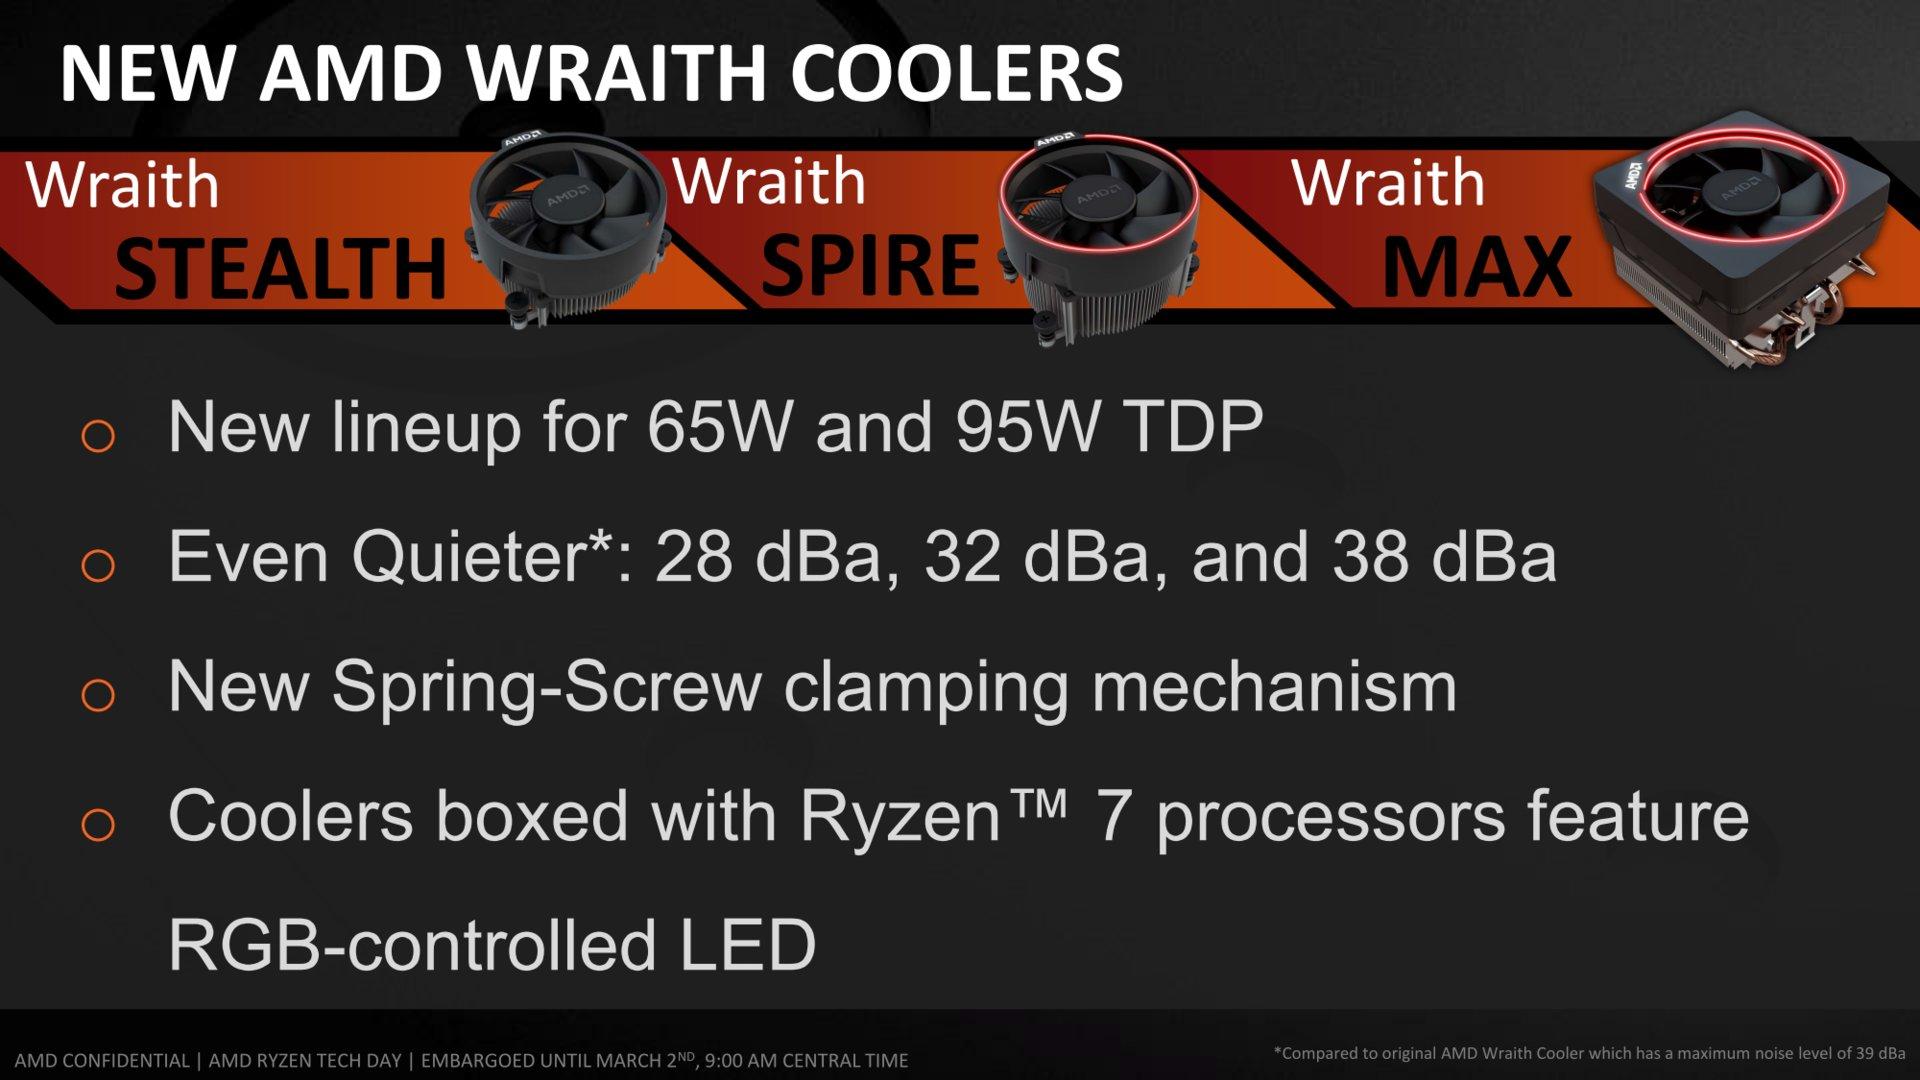 Die Boxed-Kühler für AMD Ryzen